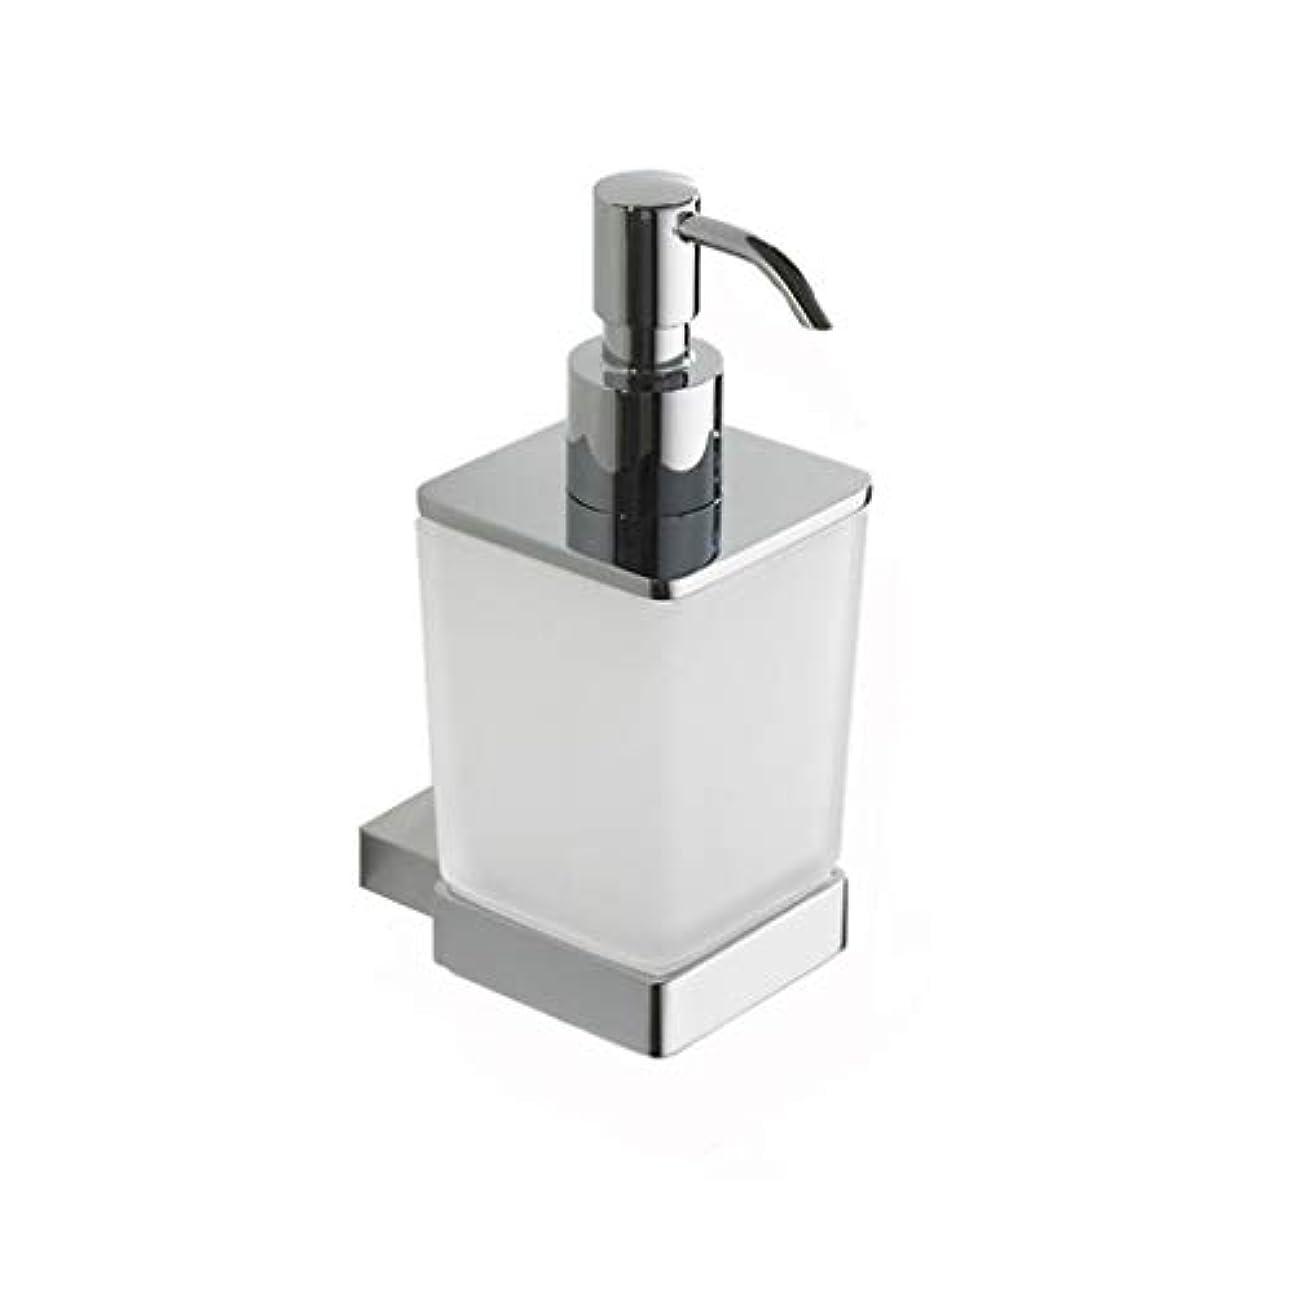 愛する行商人怒りKylinssh 、浴室のための金属の詰め替え式液体手の石鹸ディスペンサーポンプボトル - 安い、ディスカウント価格また手の消毒剤及び精油のために使用することができます